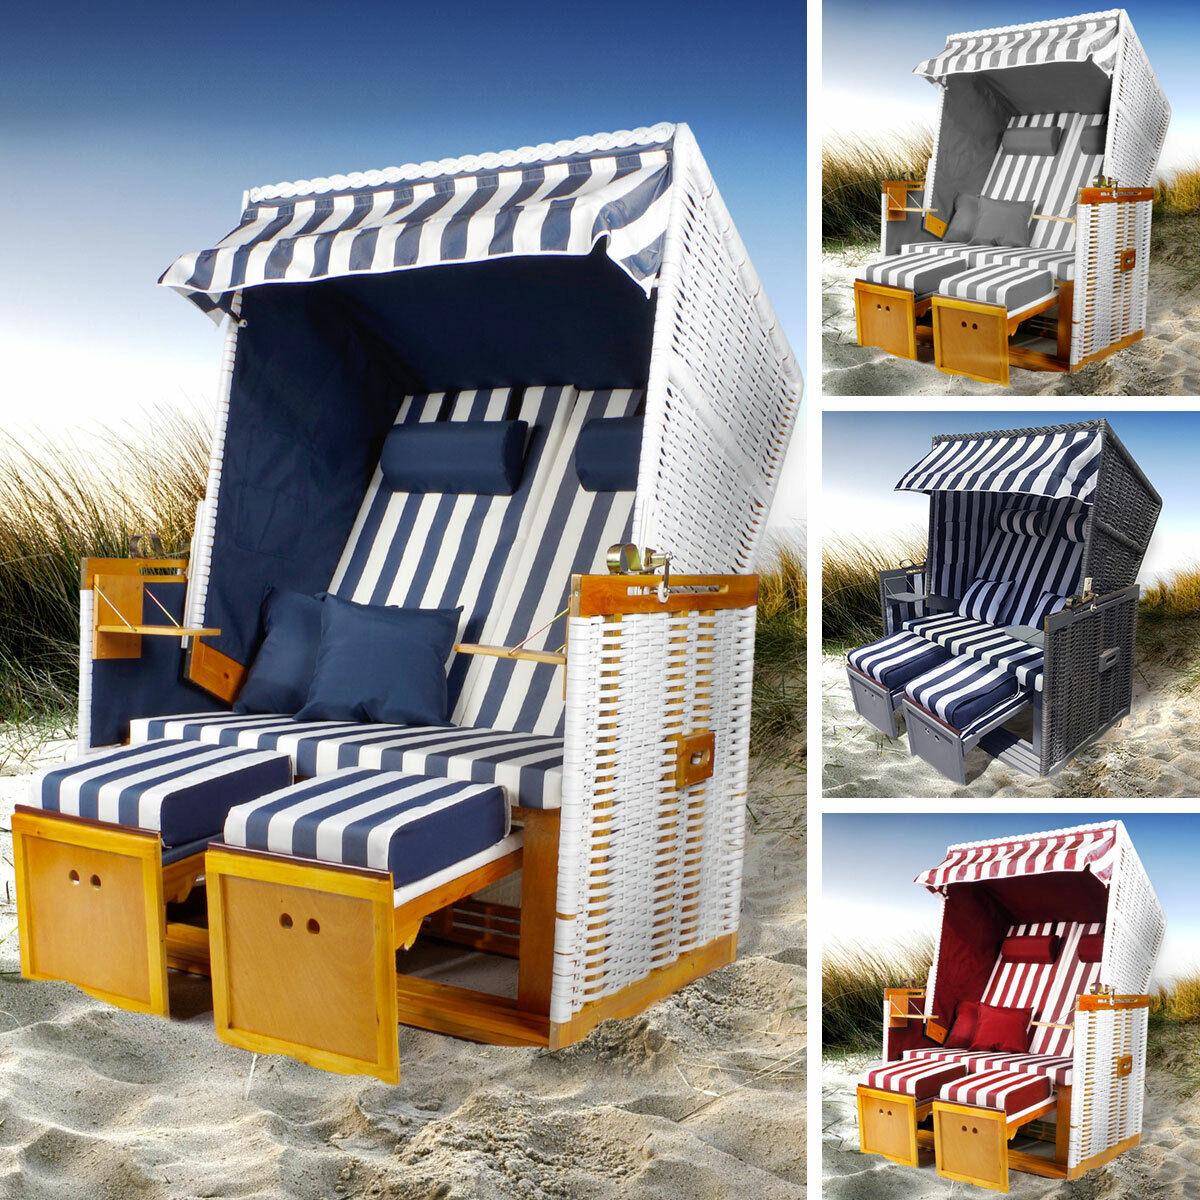 Strandkorb Norderney Volllieger Gartenliege Sonneninsel Poly-Rattan XXL